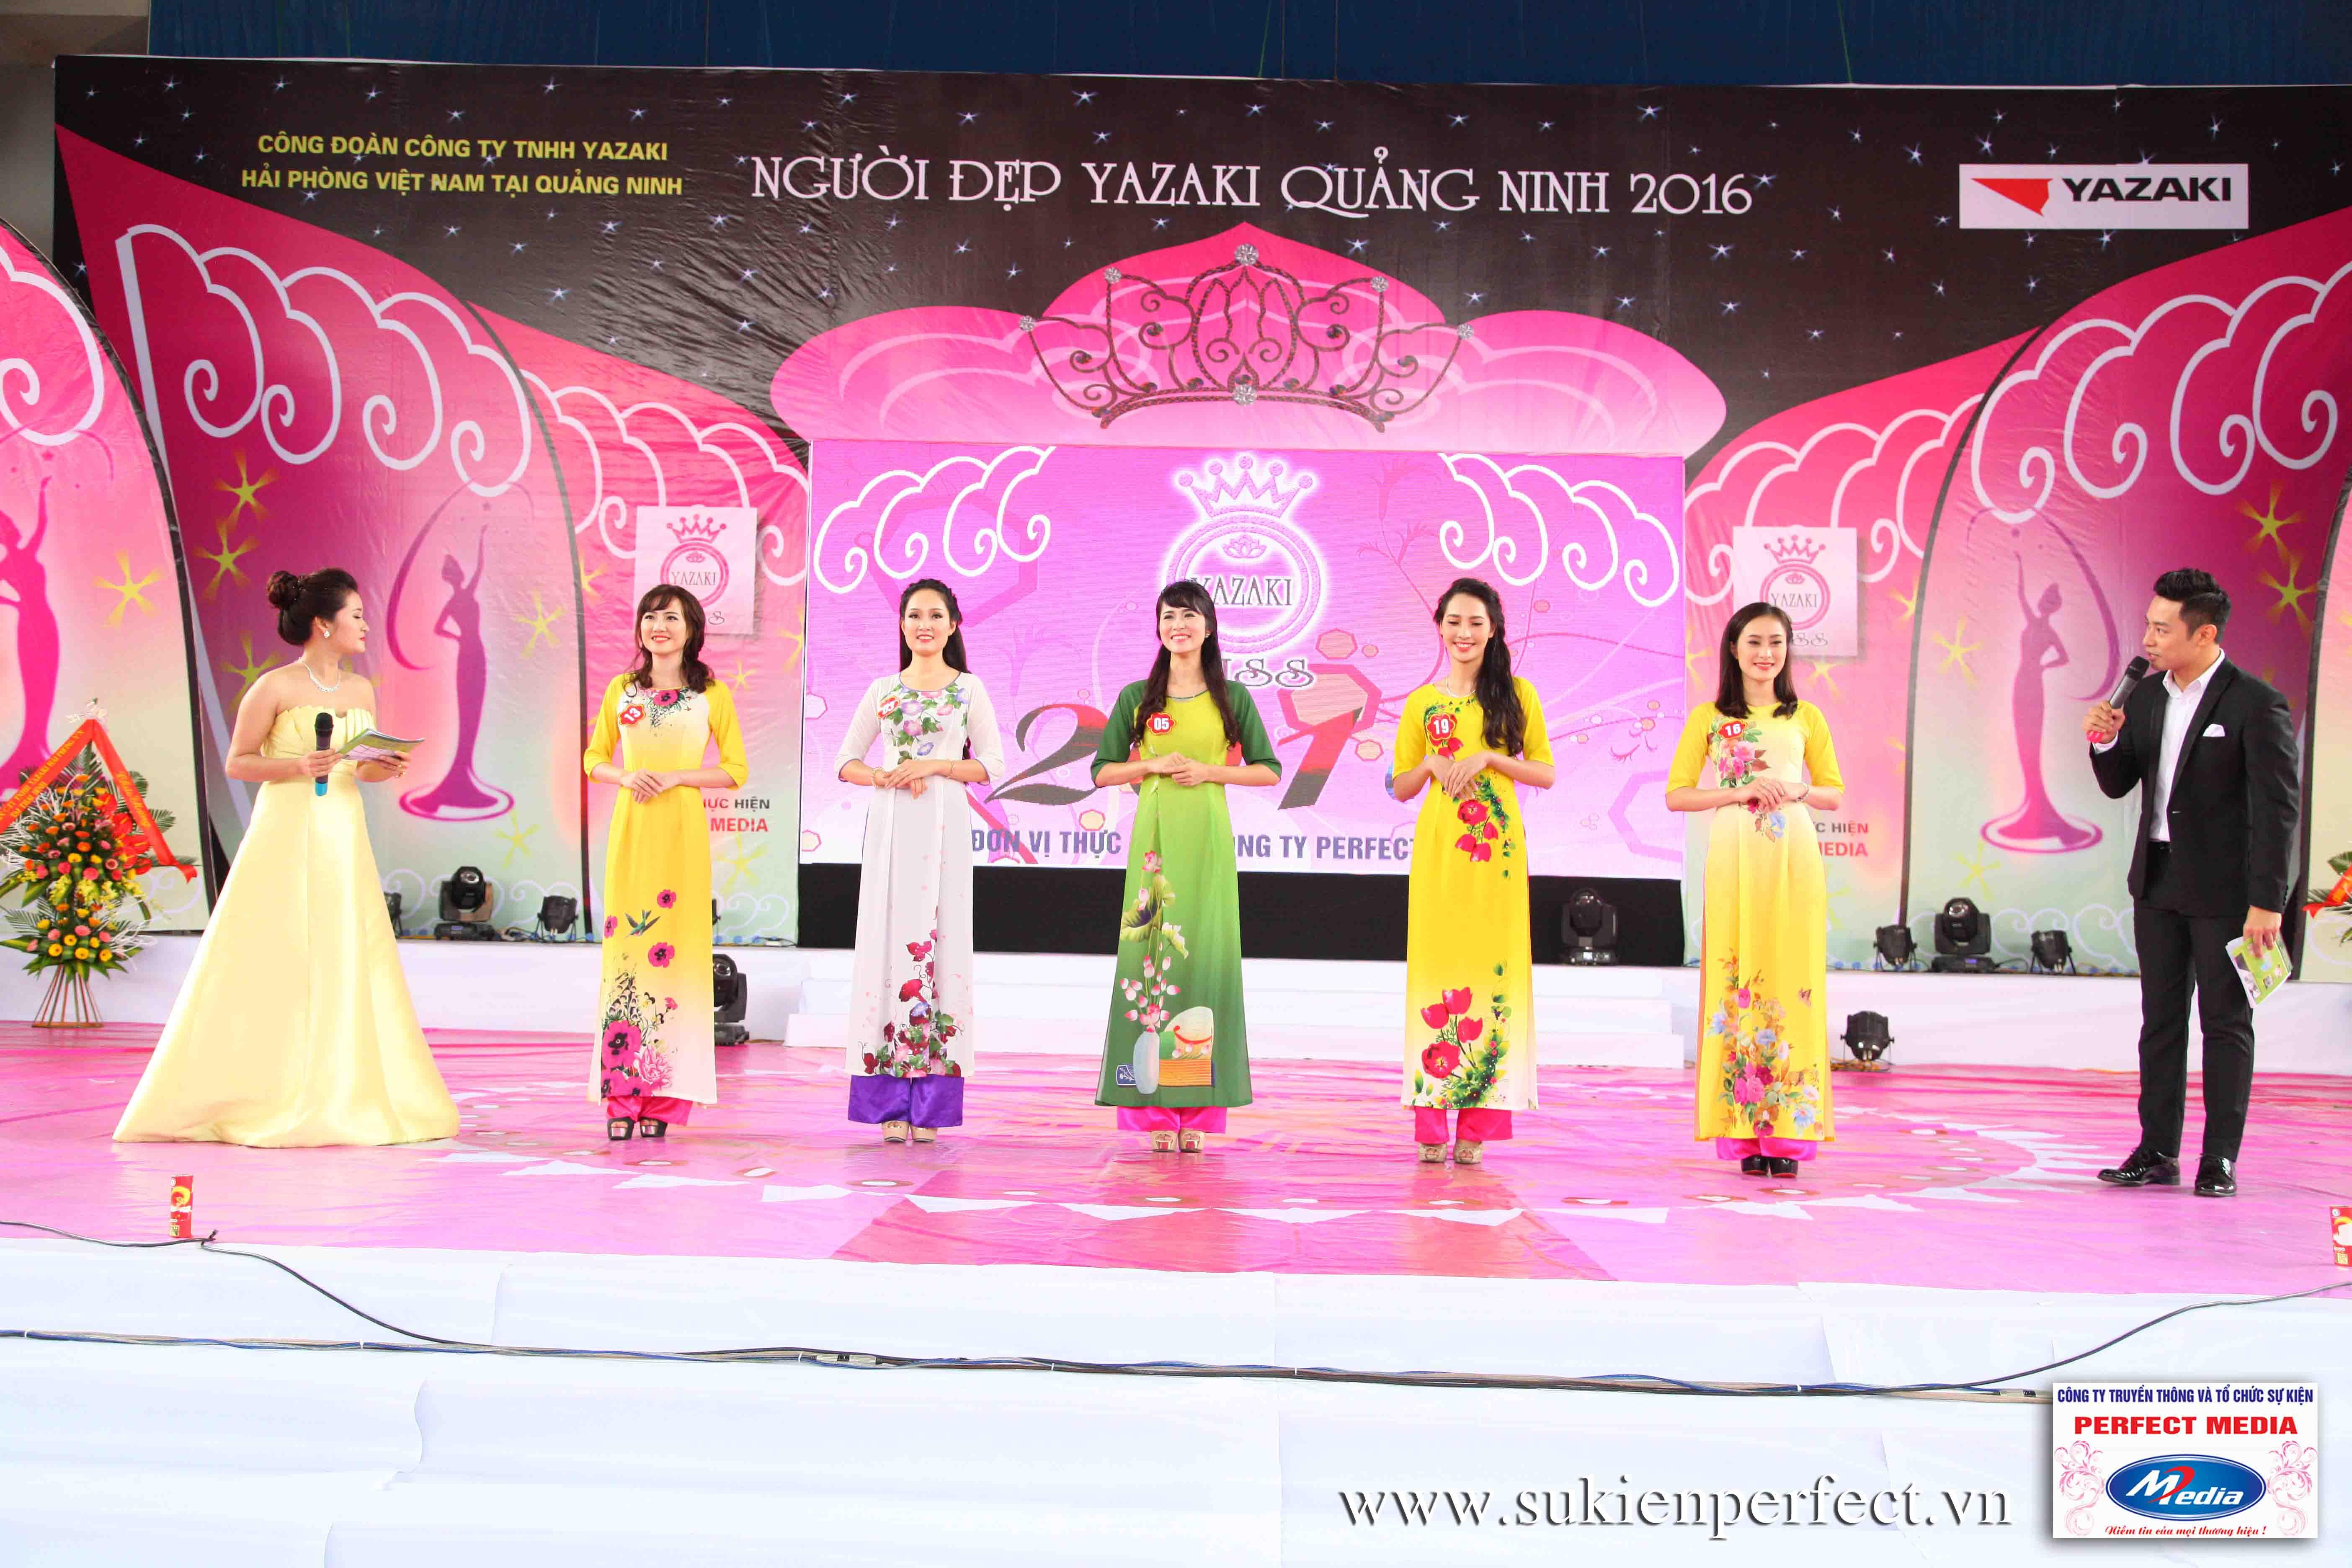 Hình ảnh các người đẹp trong sự kiện Người đẹp Yazaki Quảng Ninh 2016 (Màn đăng quang) - 05